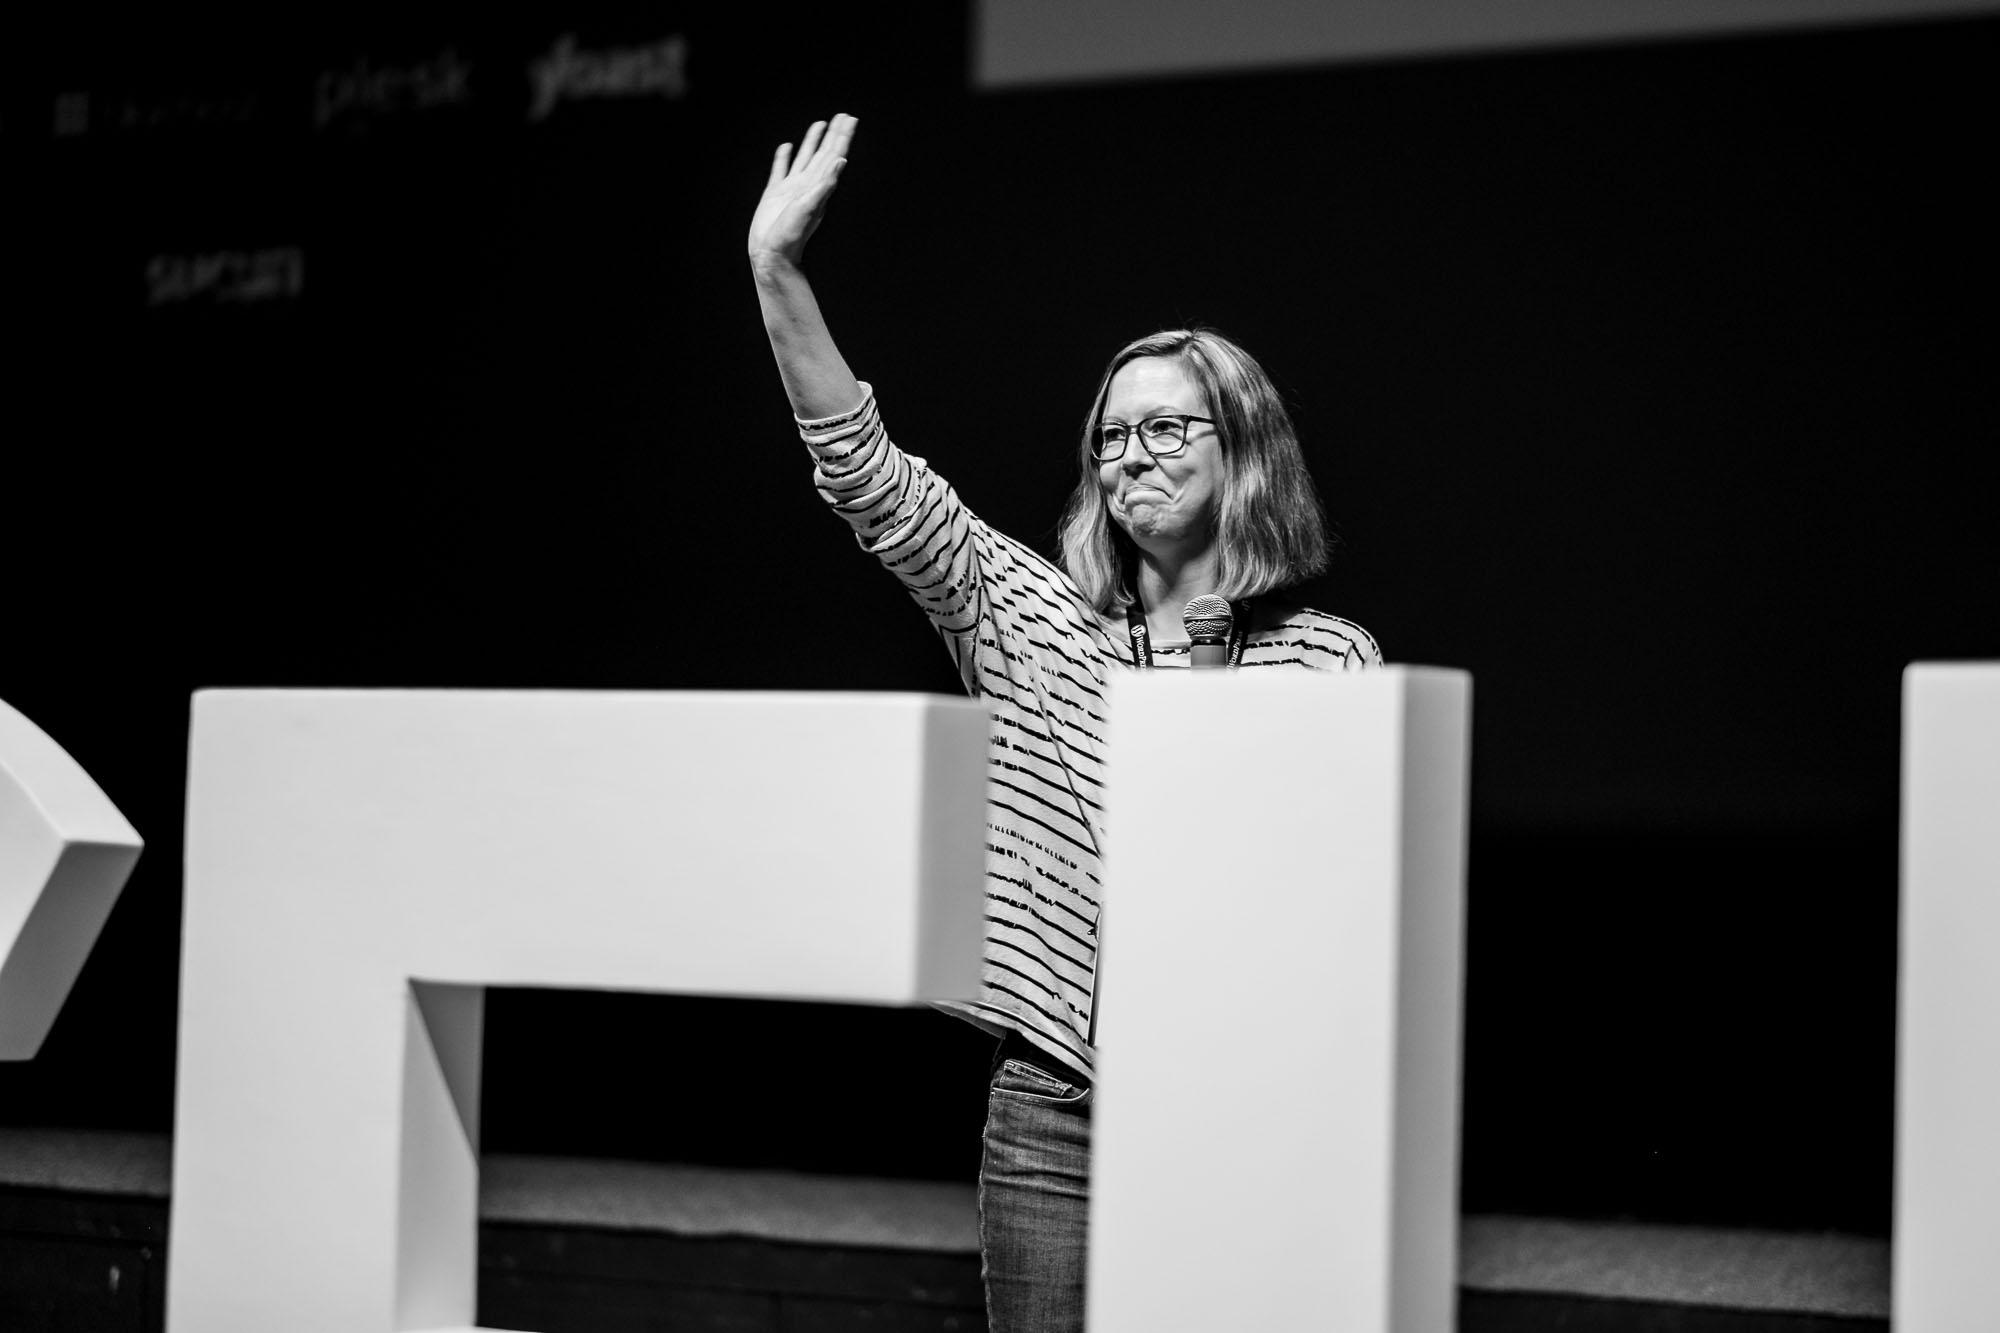 Jenny waving